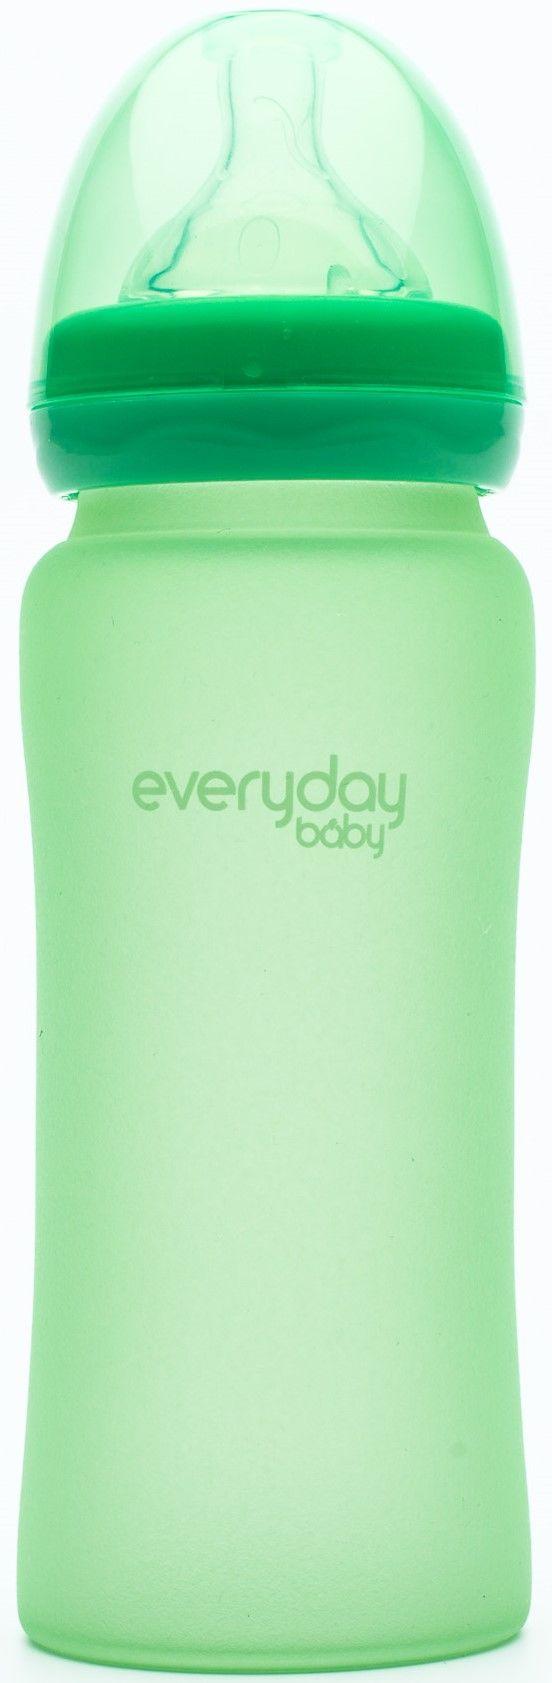 Everyday Baby Nappflaska Värmin 300ml, Green